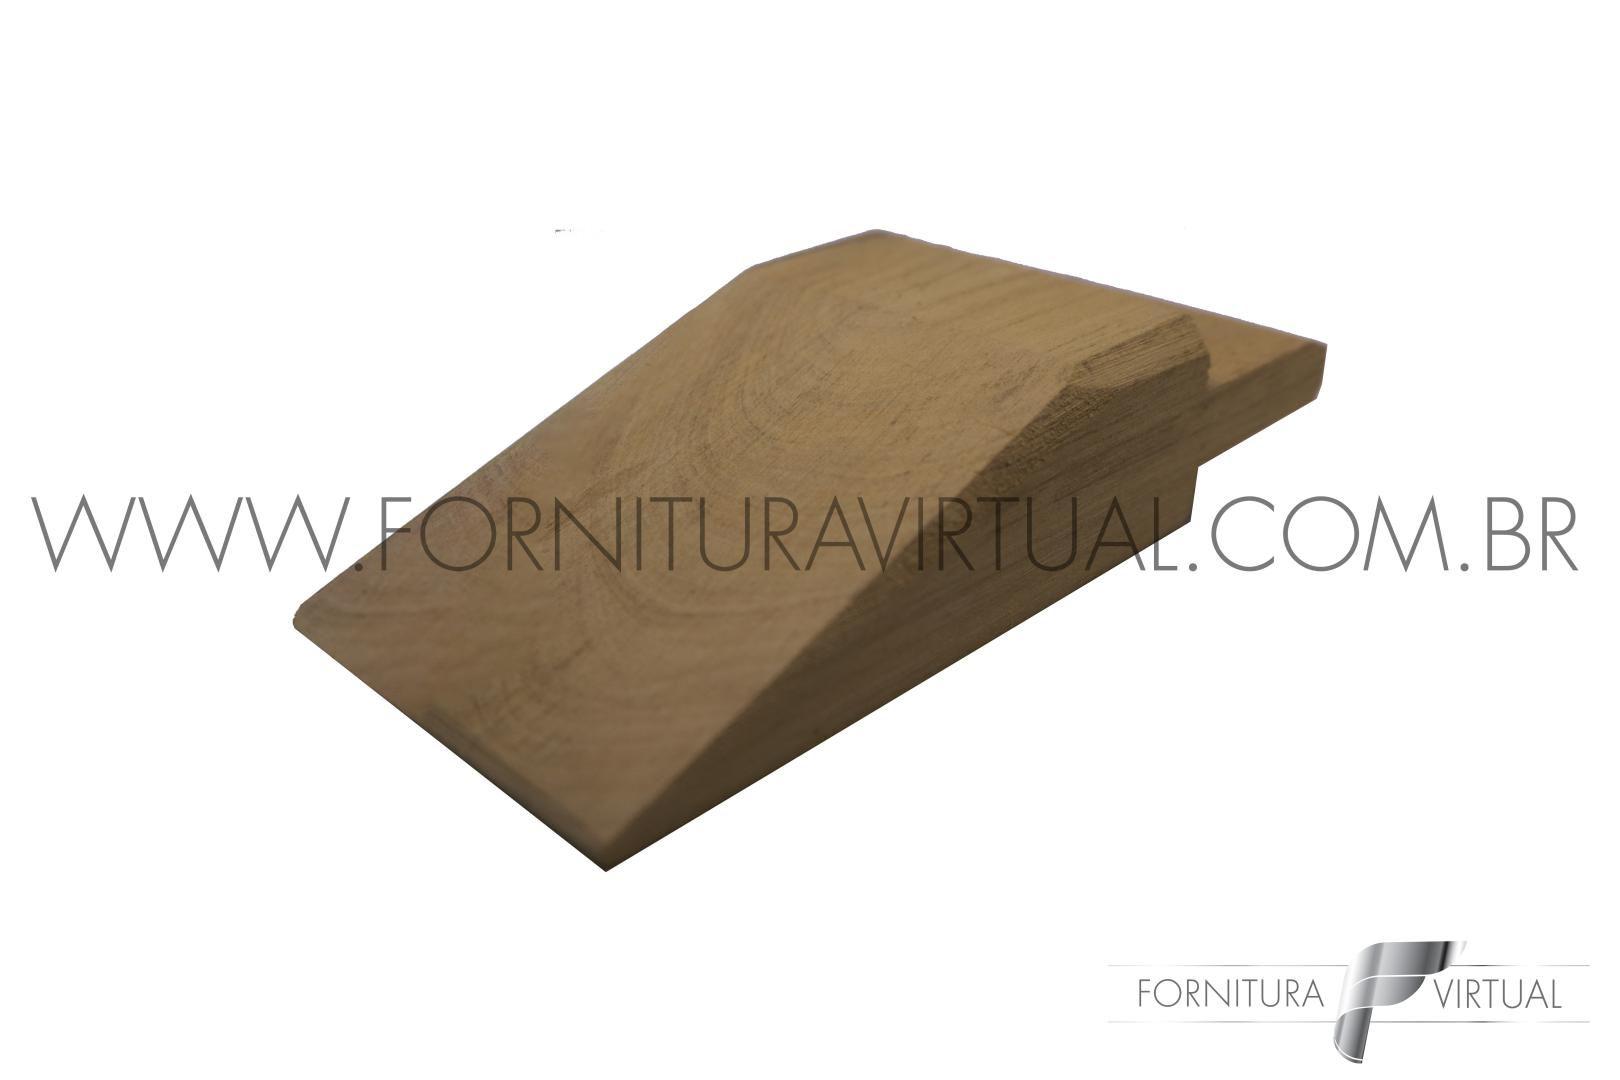 Estilheira de madeira inteira - Pequena